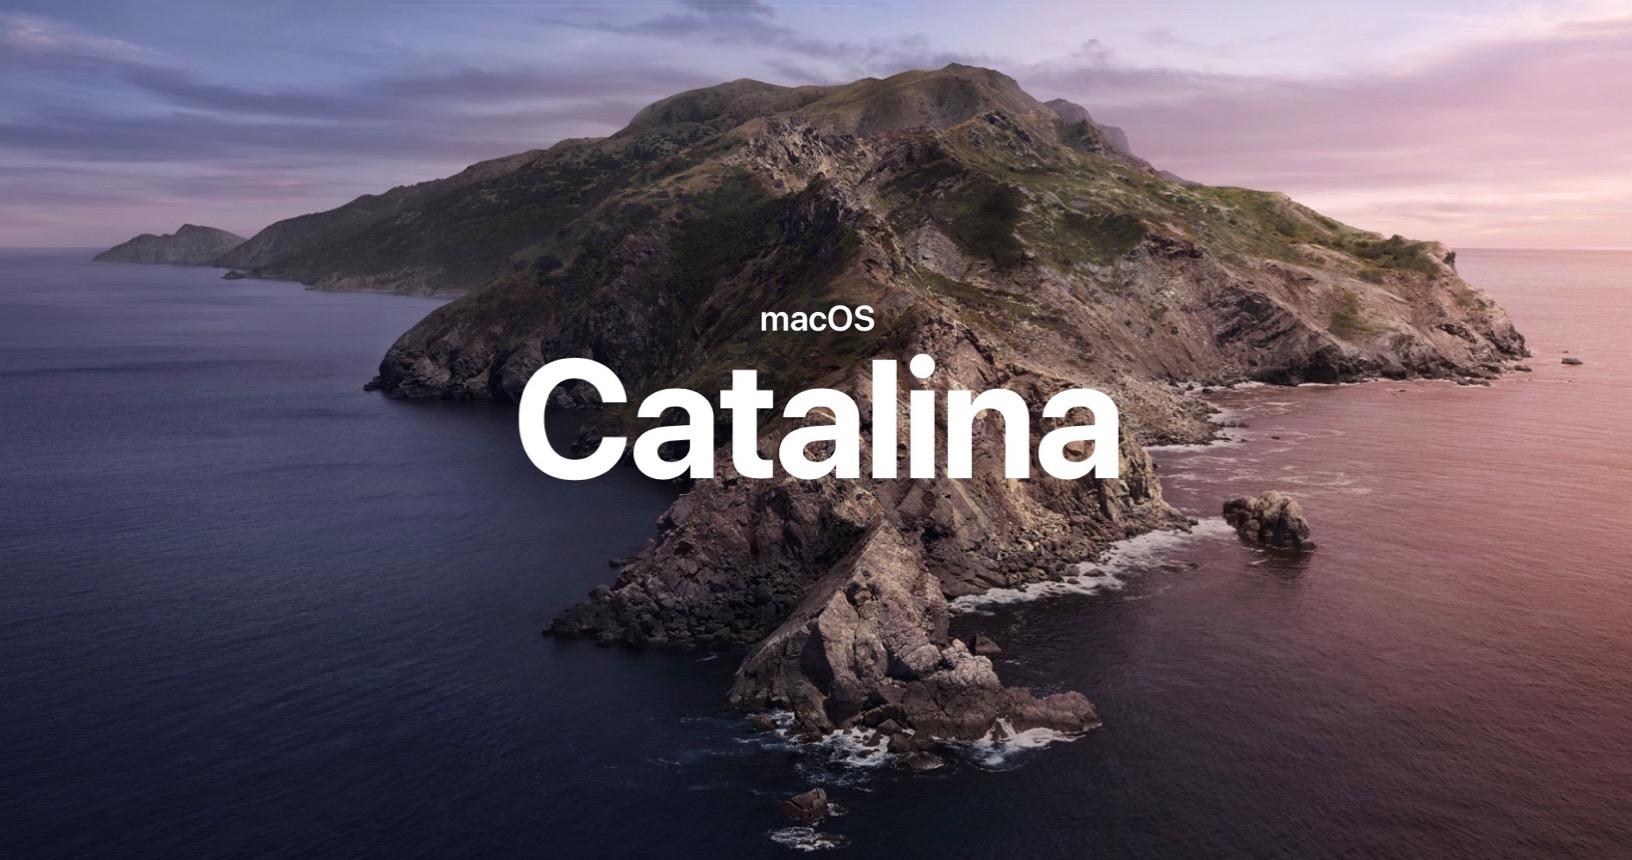 Під час оновлення до macOS 10.15 Catalina завис Mac. Що робити?